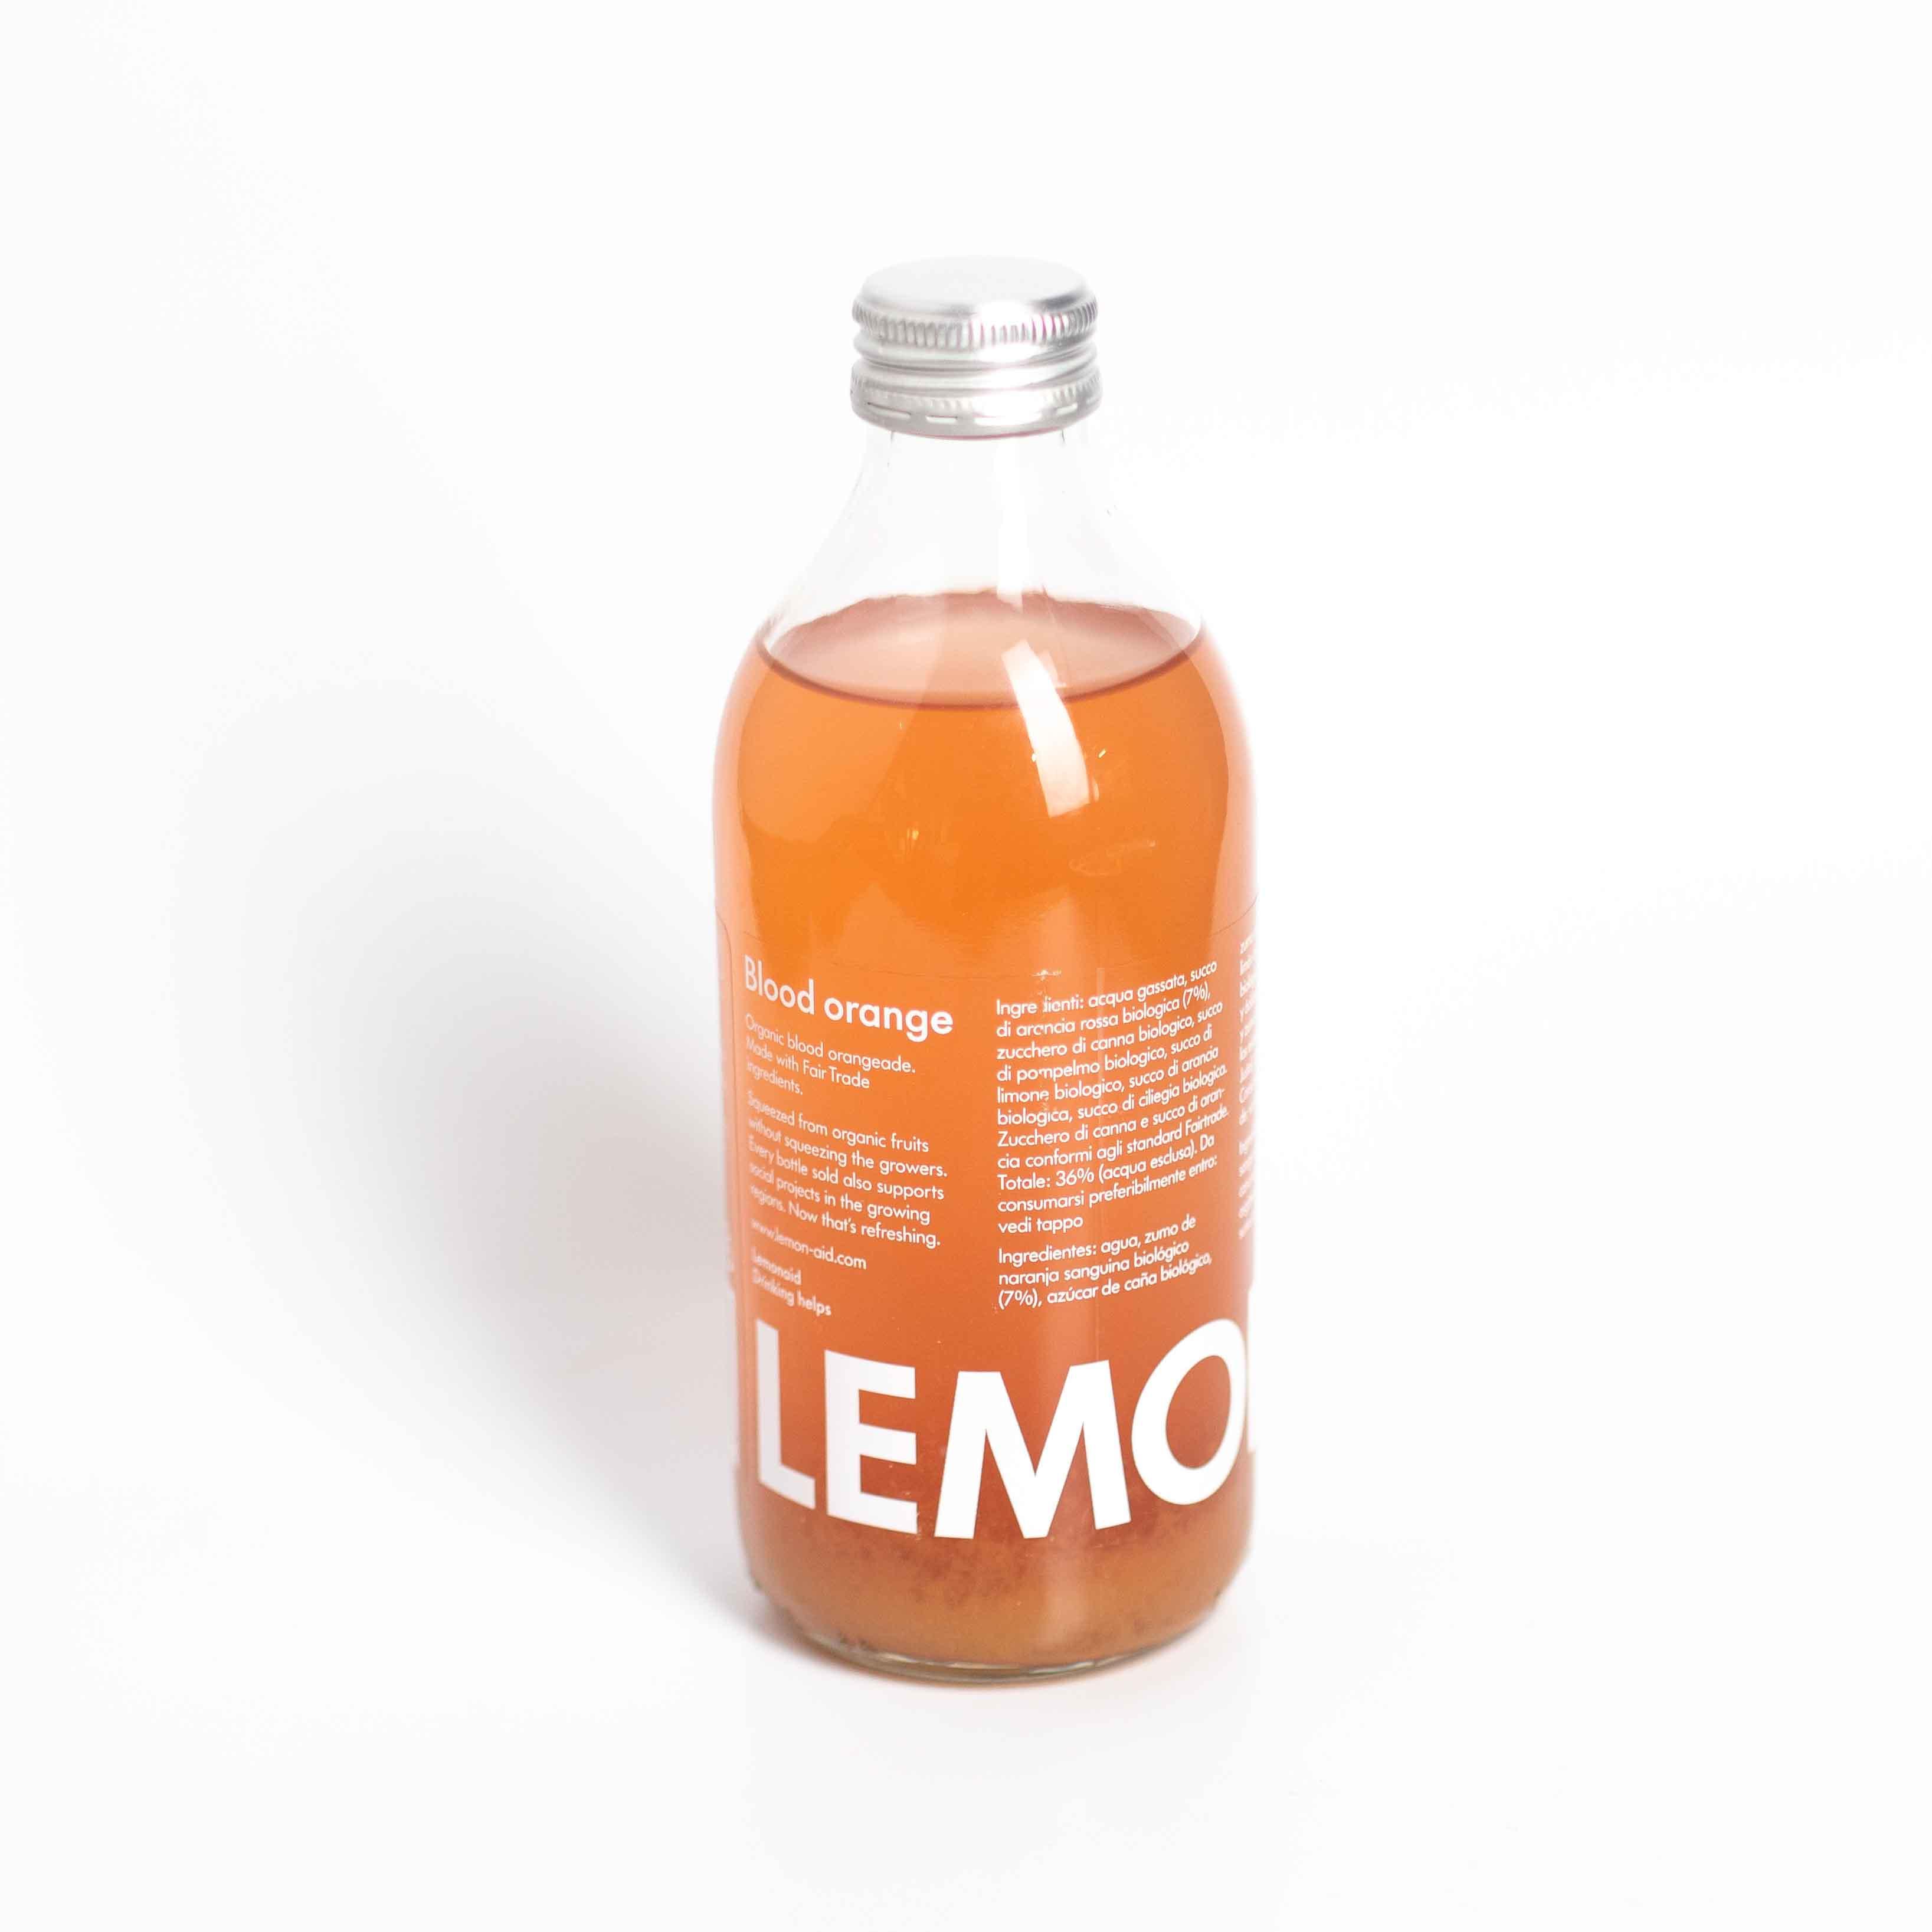 Lemonaid + Blood Orange